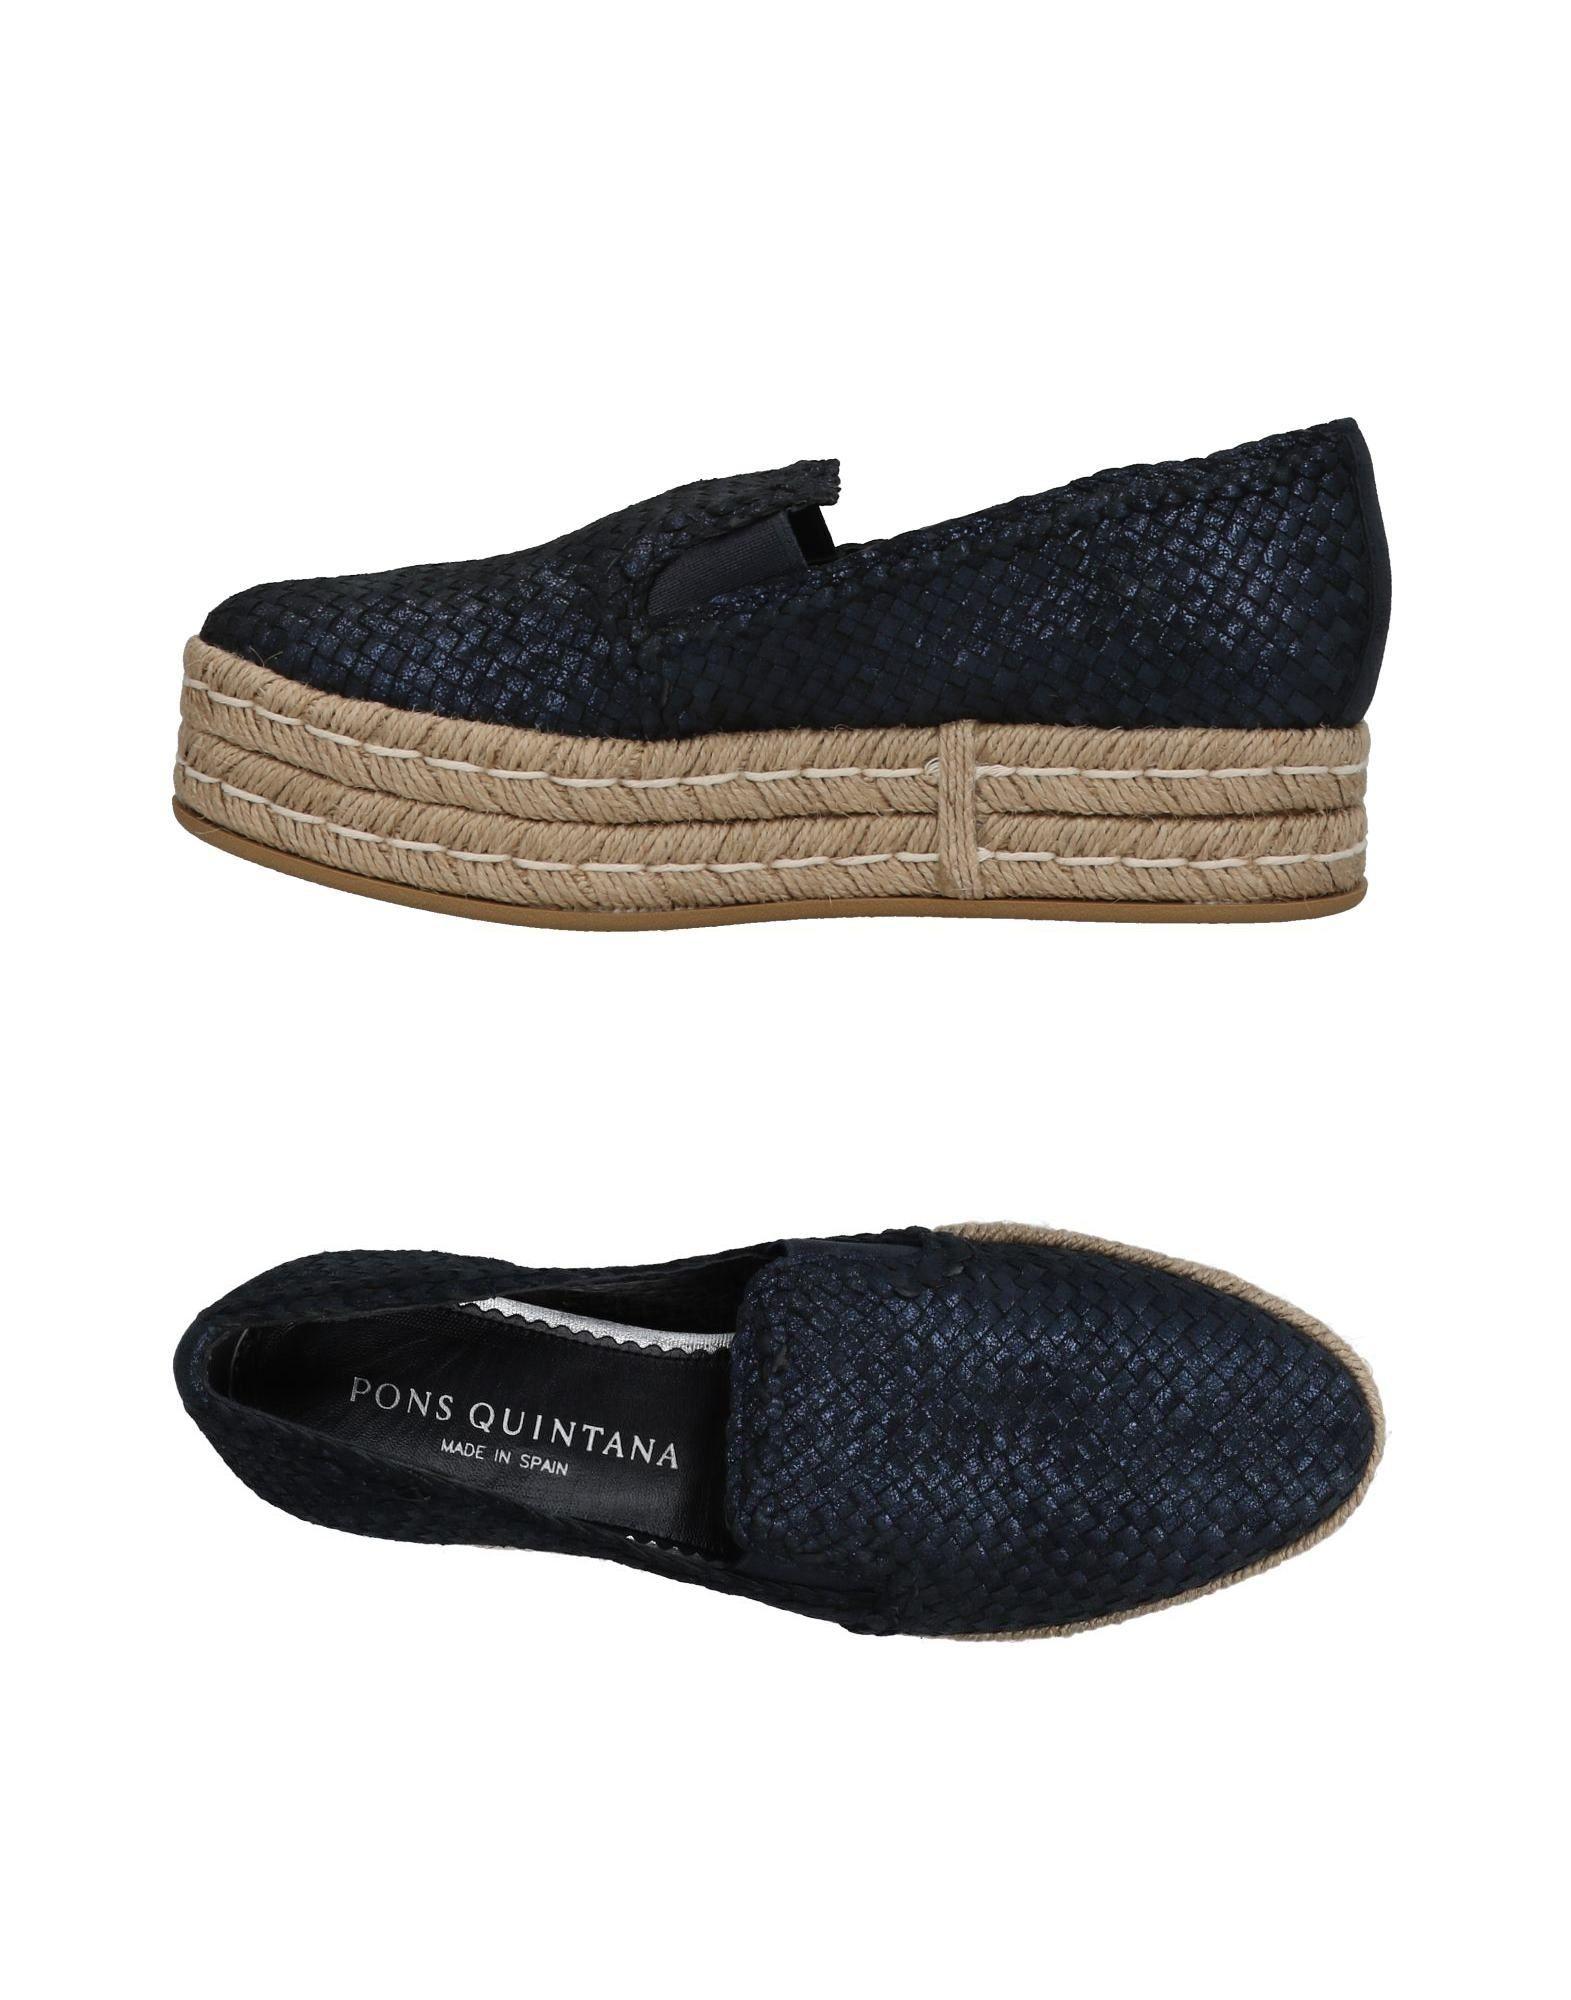 Pons Quintana Espadrilles Damen  11433783QX Gute Qualität beliebte Schuhe